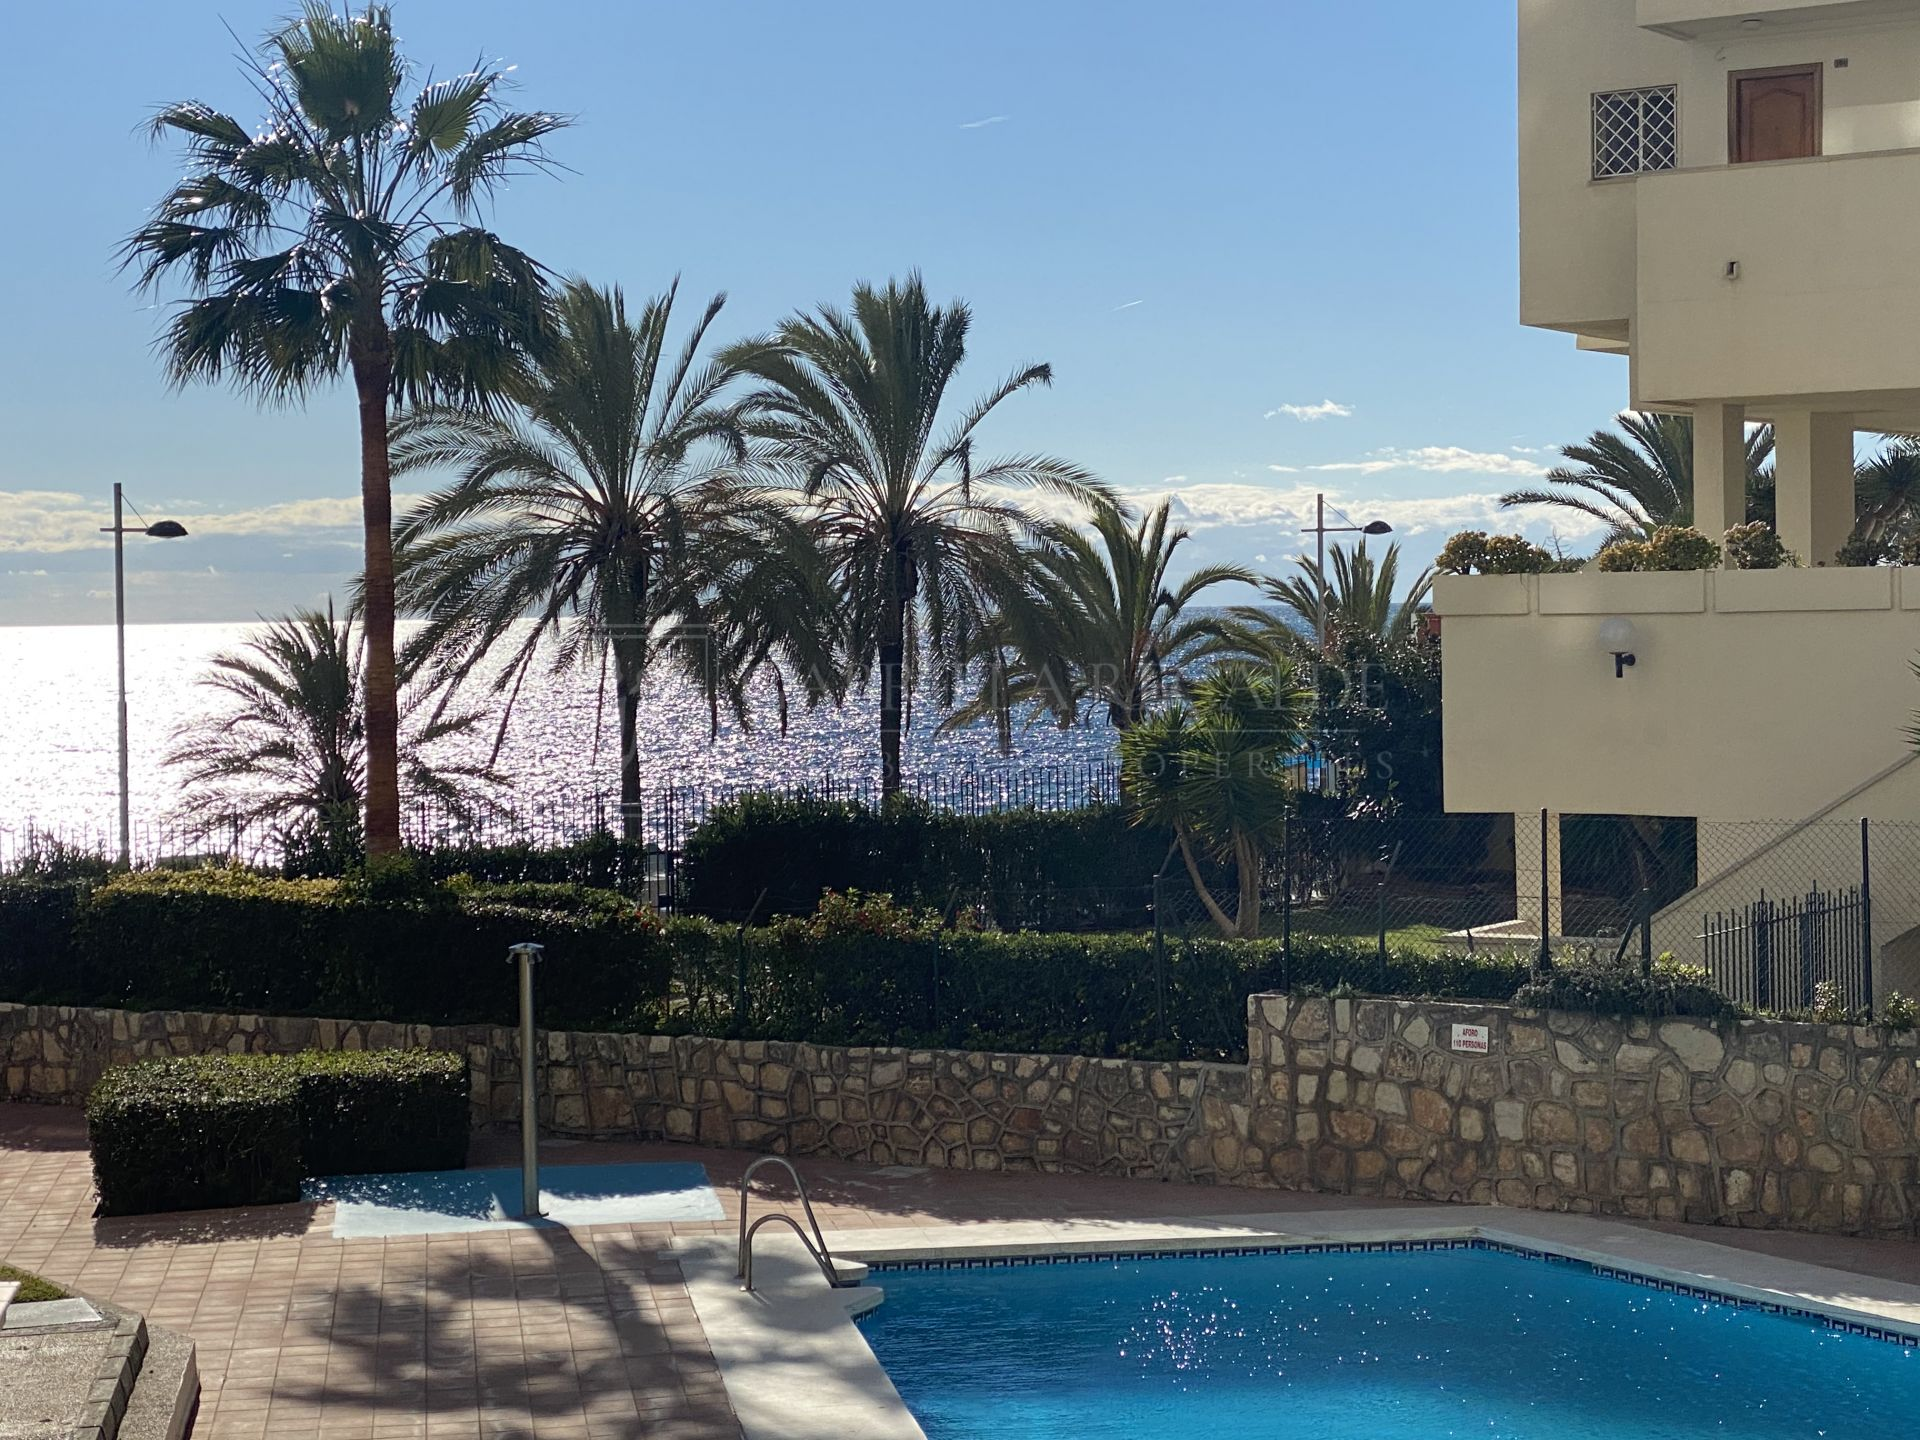 Studio in Marbella Center, by the beach. For investors